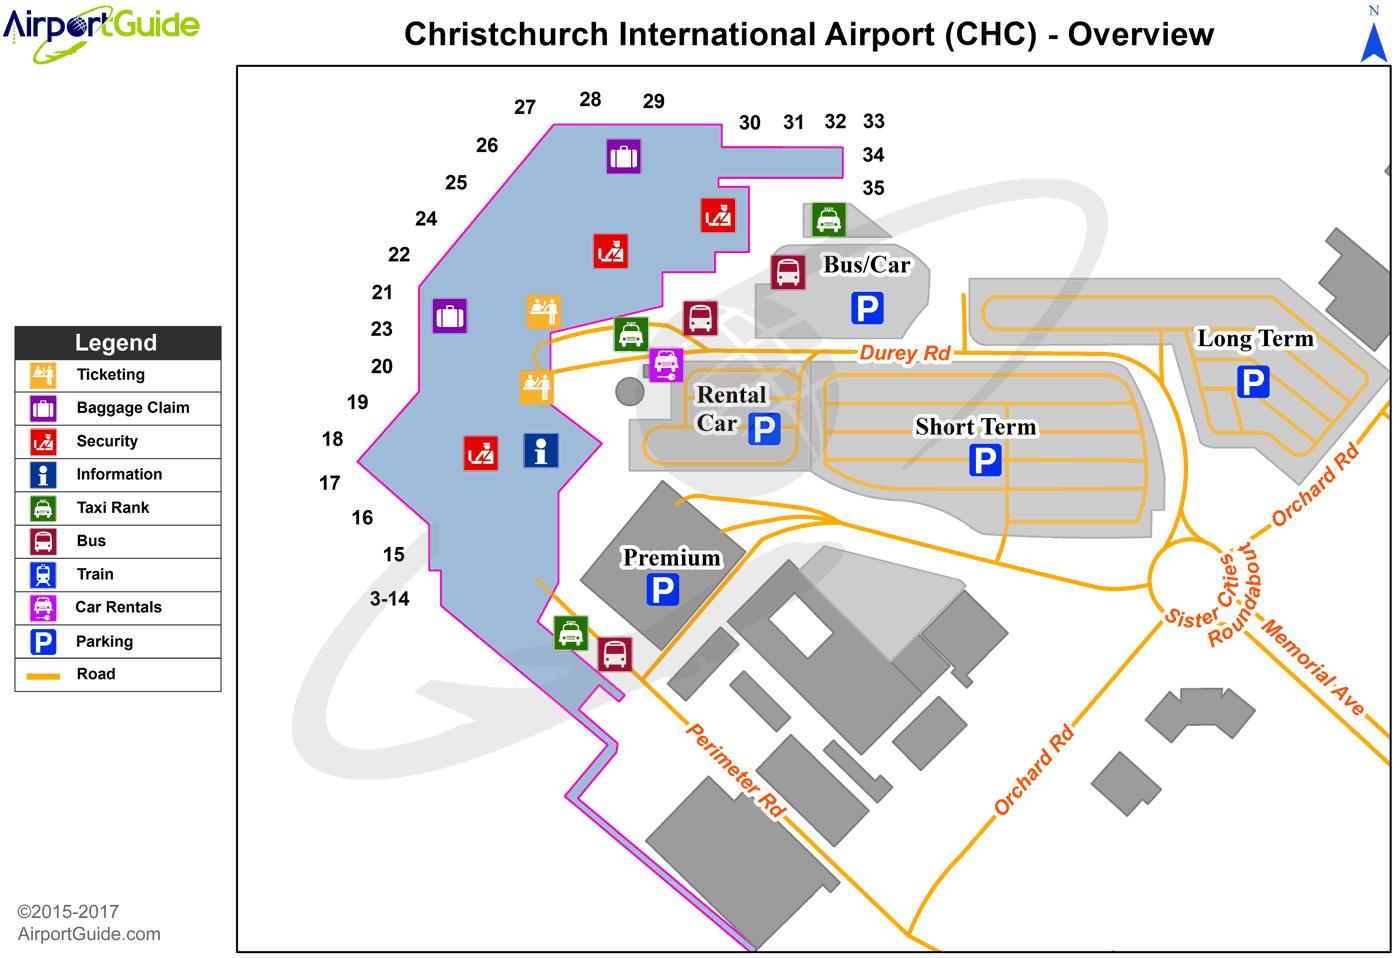 Car Rentals Christchurch International Airport